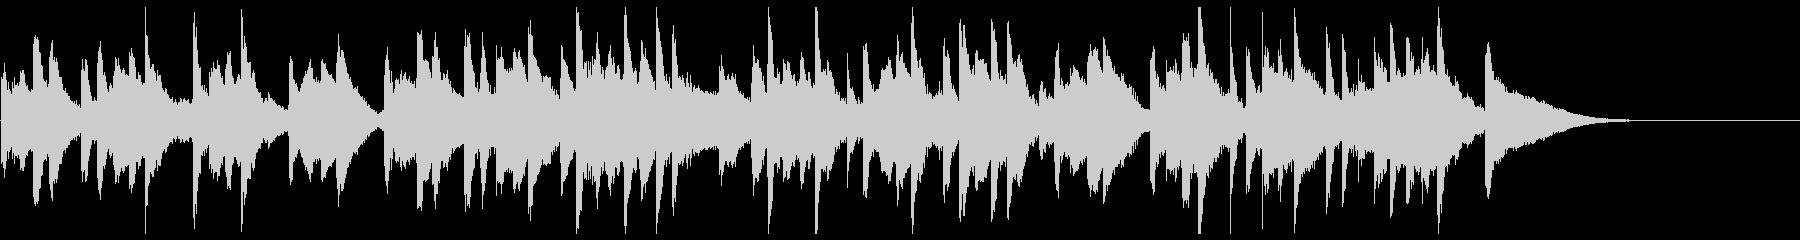 軽快なマリンバが楽しい20秒楽曲の未再生の波形